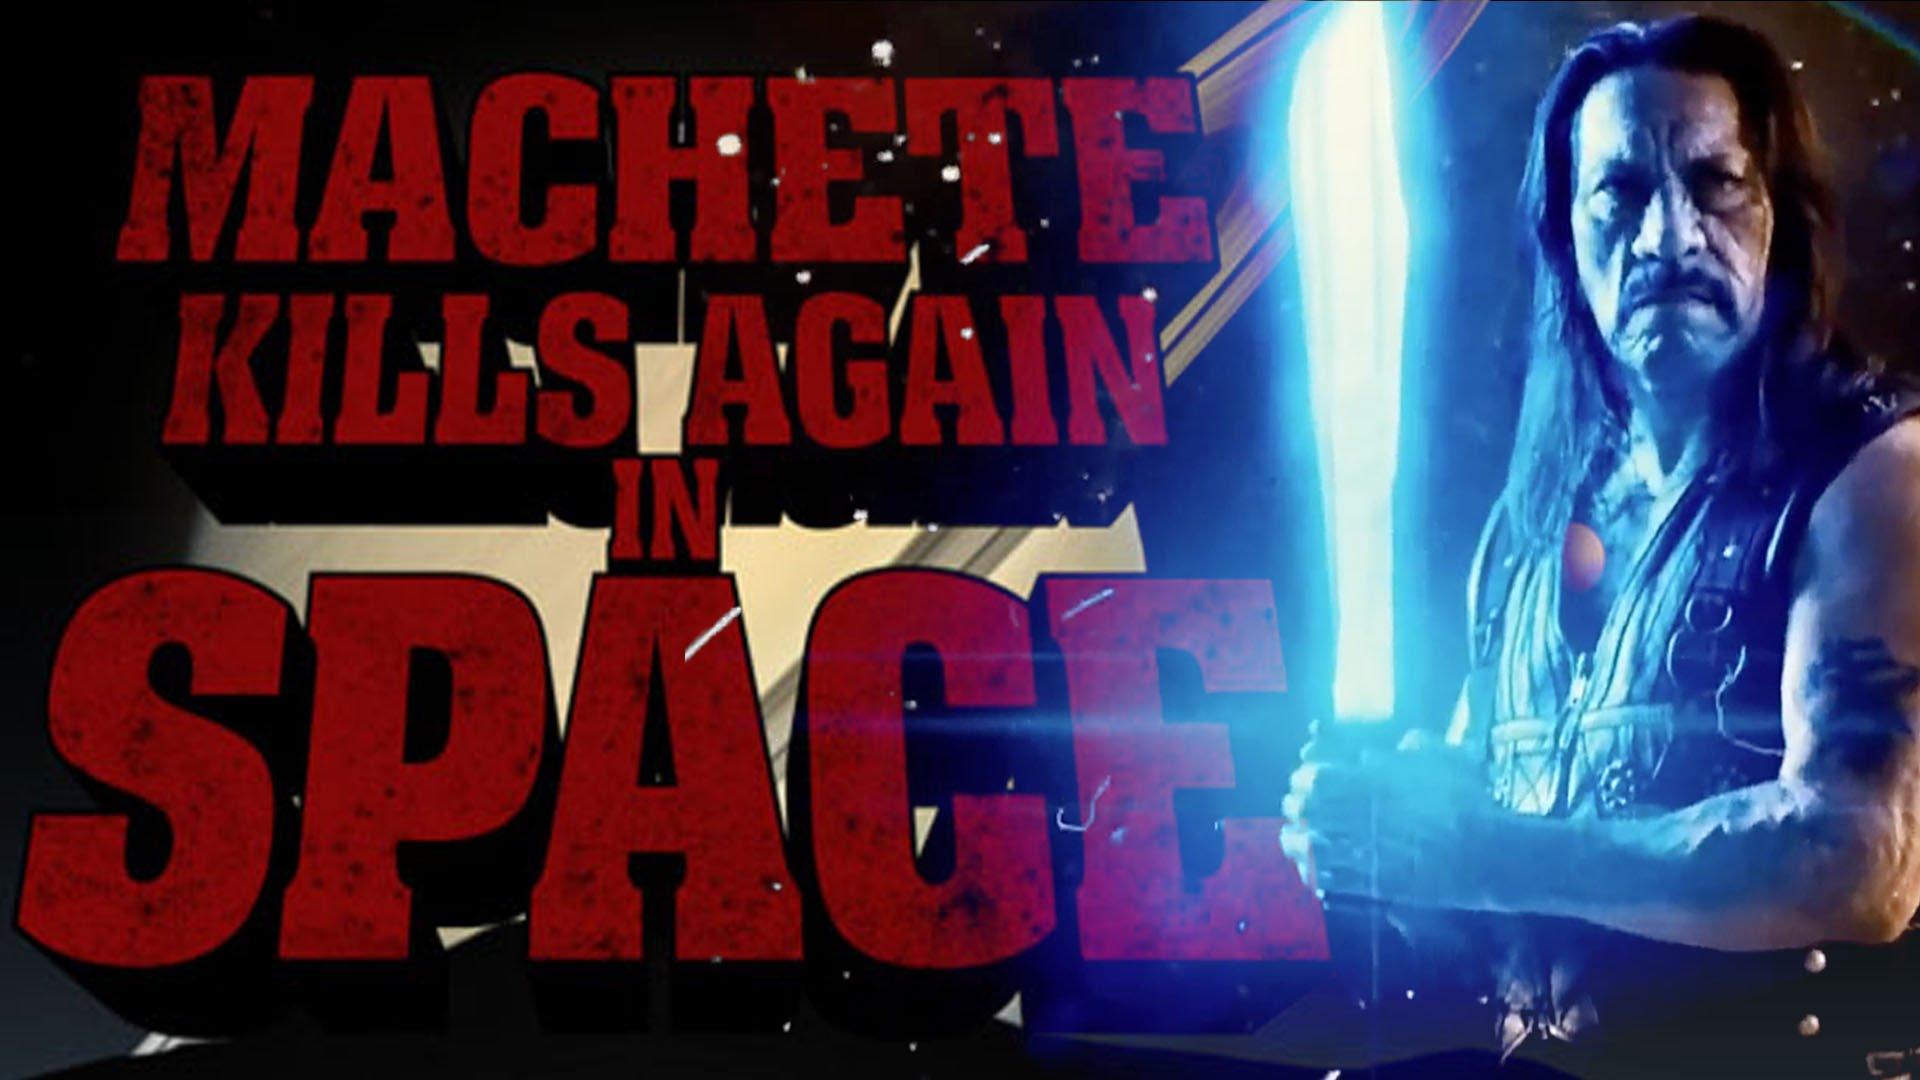 Danny Trejo: Machette confirmé au Comiccon de Montréal 2018